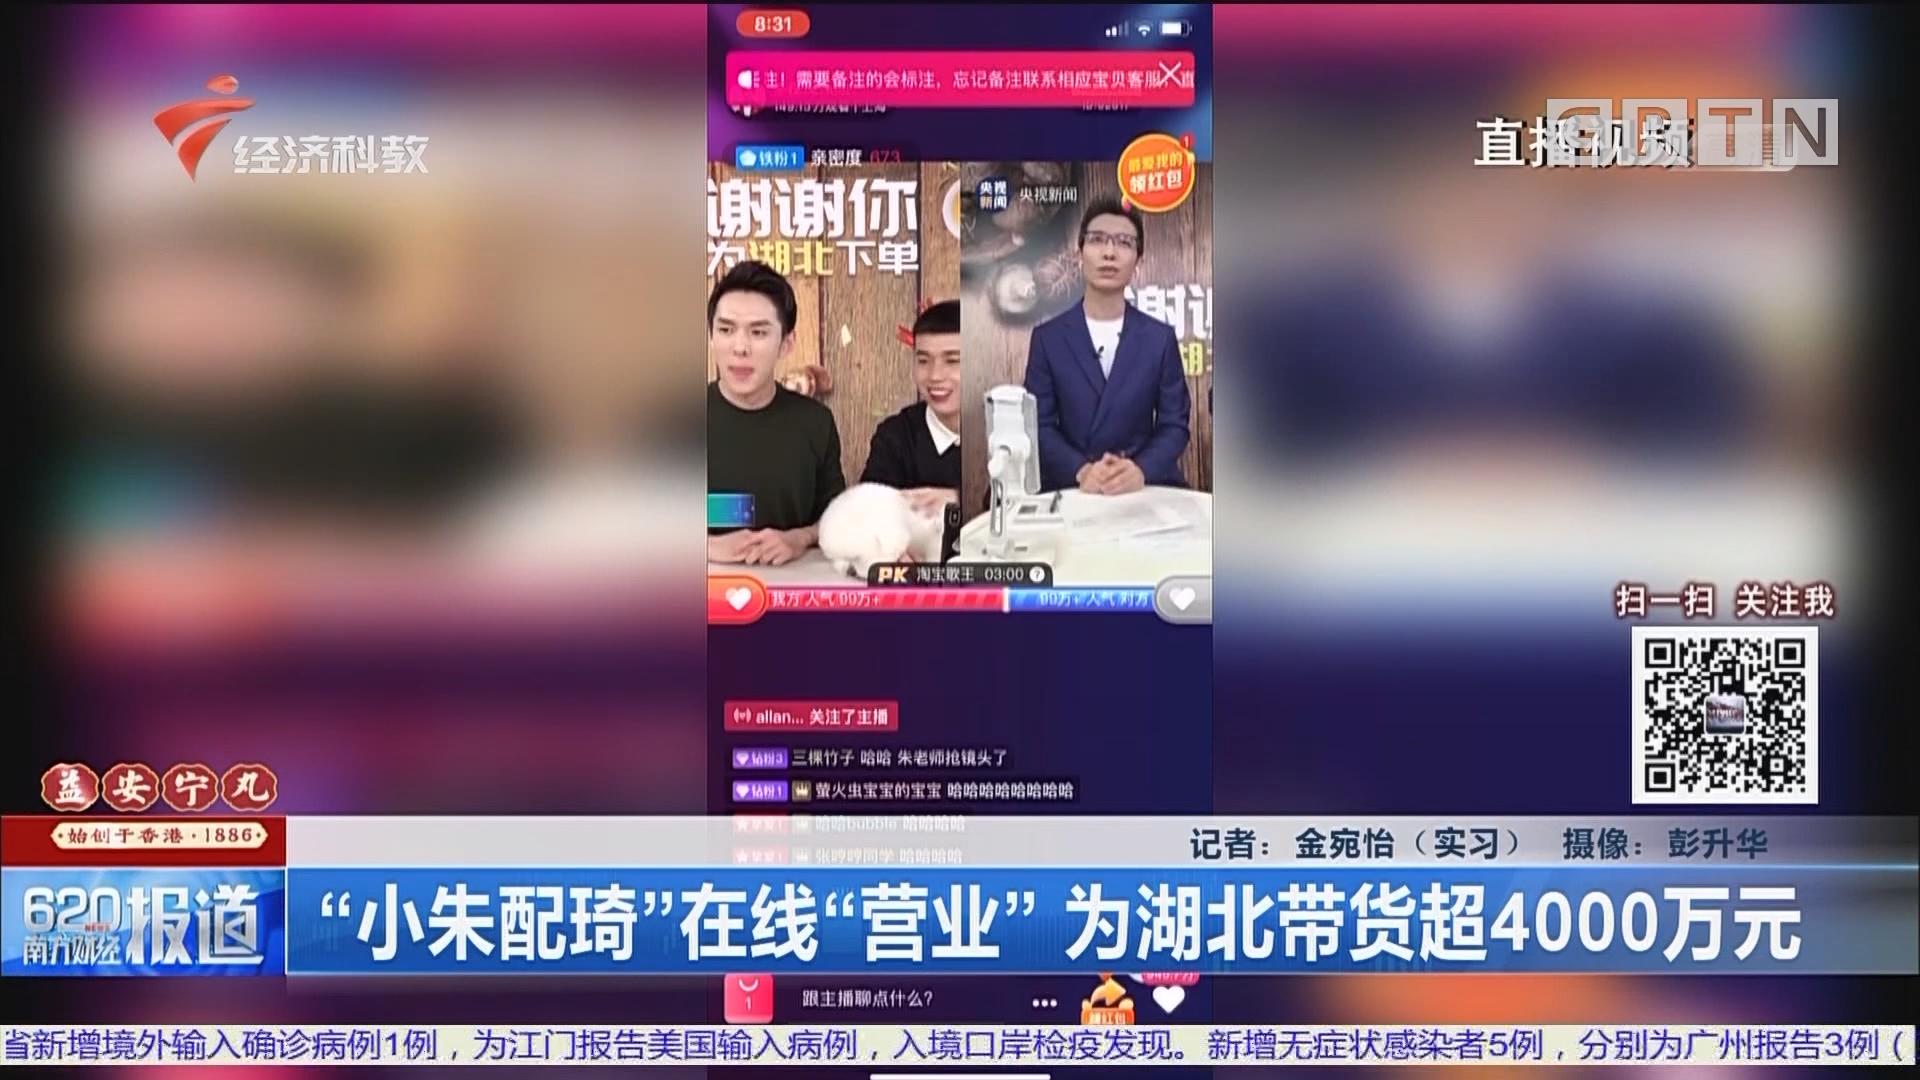 """""""小朱配琦""""在线""""营业"""" 为湖北带货超4000万元"""